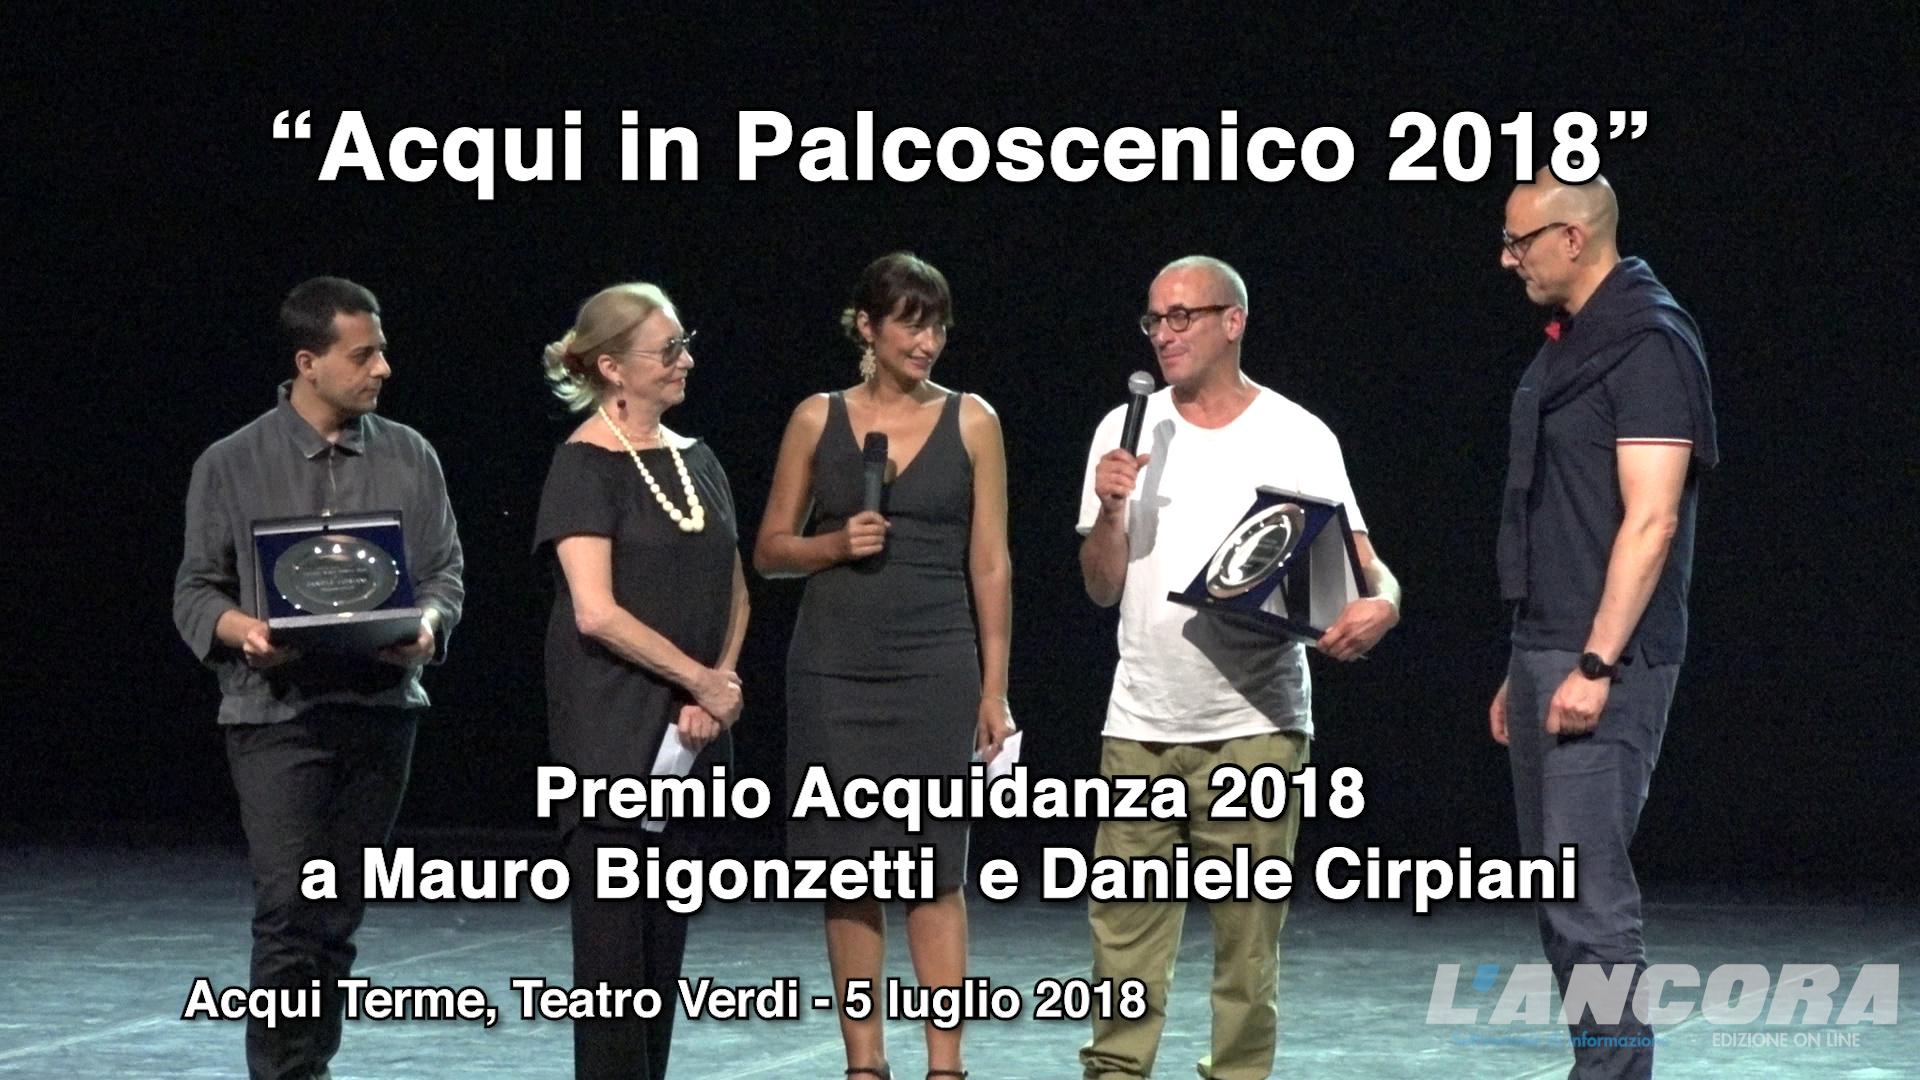 Acqui in Palcoscenico 2018